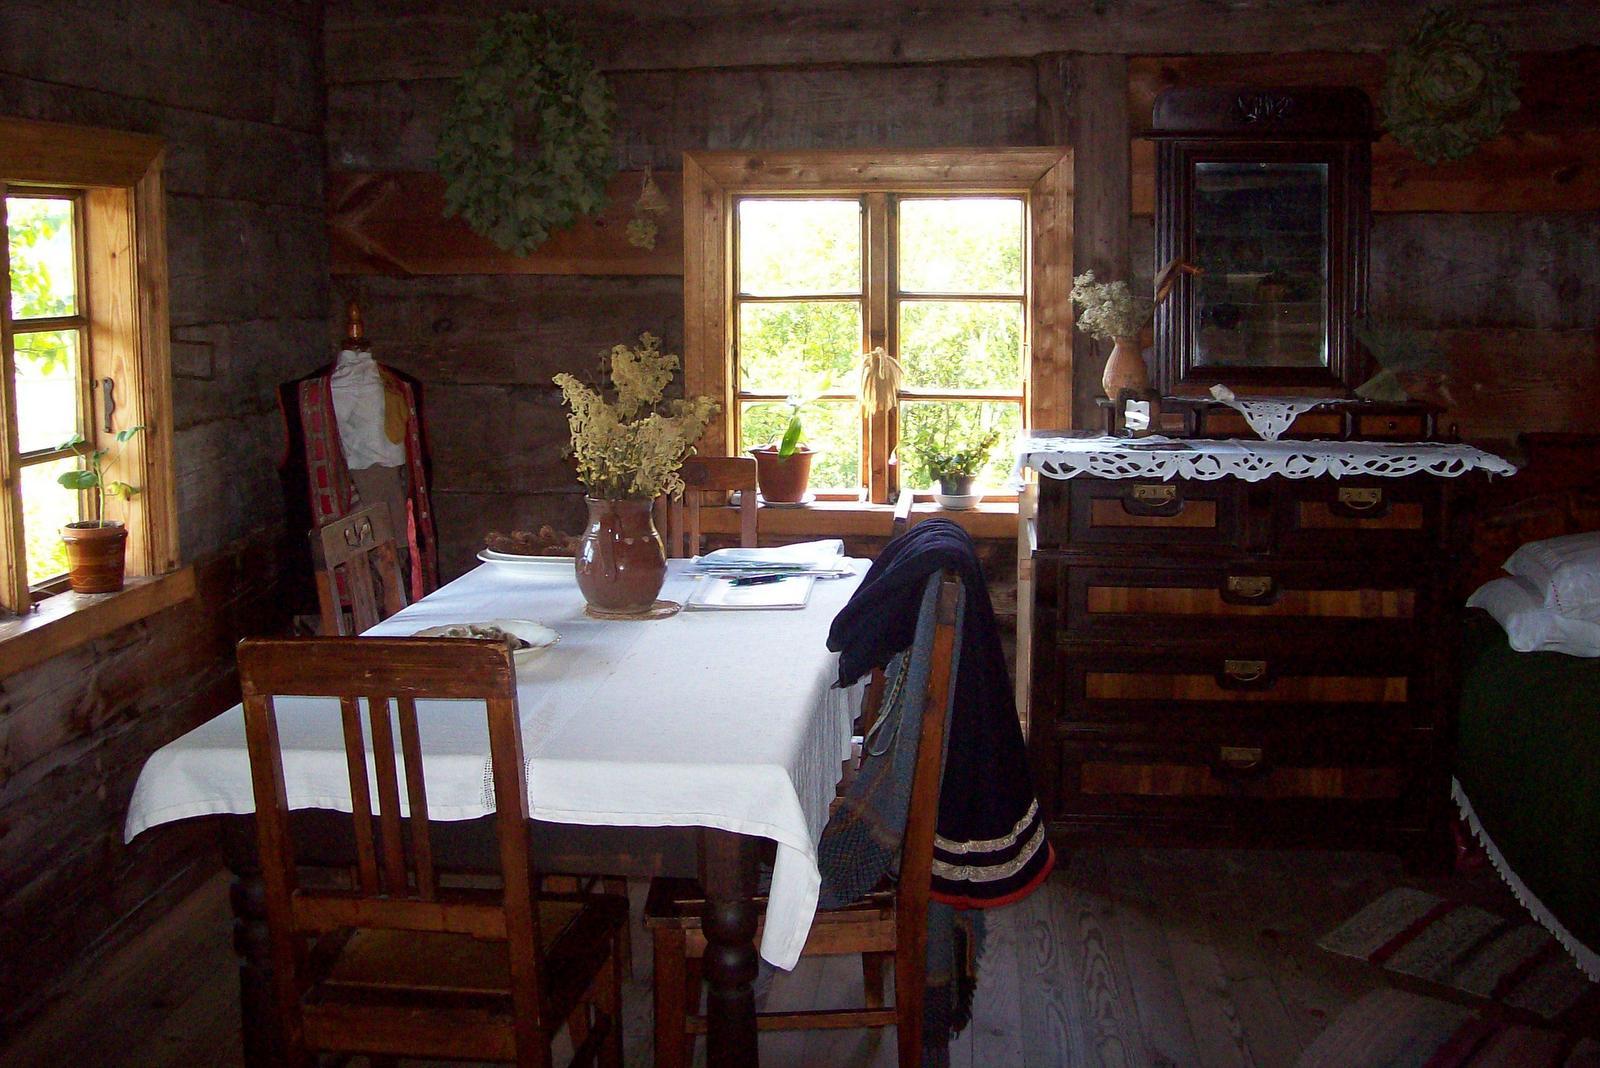 Fischerhaus in Kurzeme - Ethnographisches Freilichtmuseum von Lettland